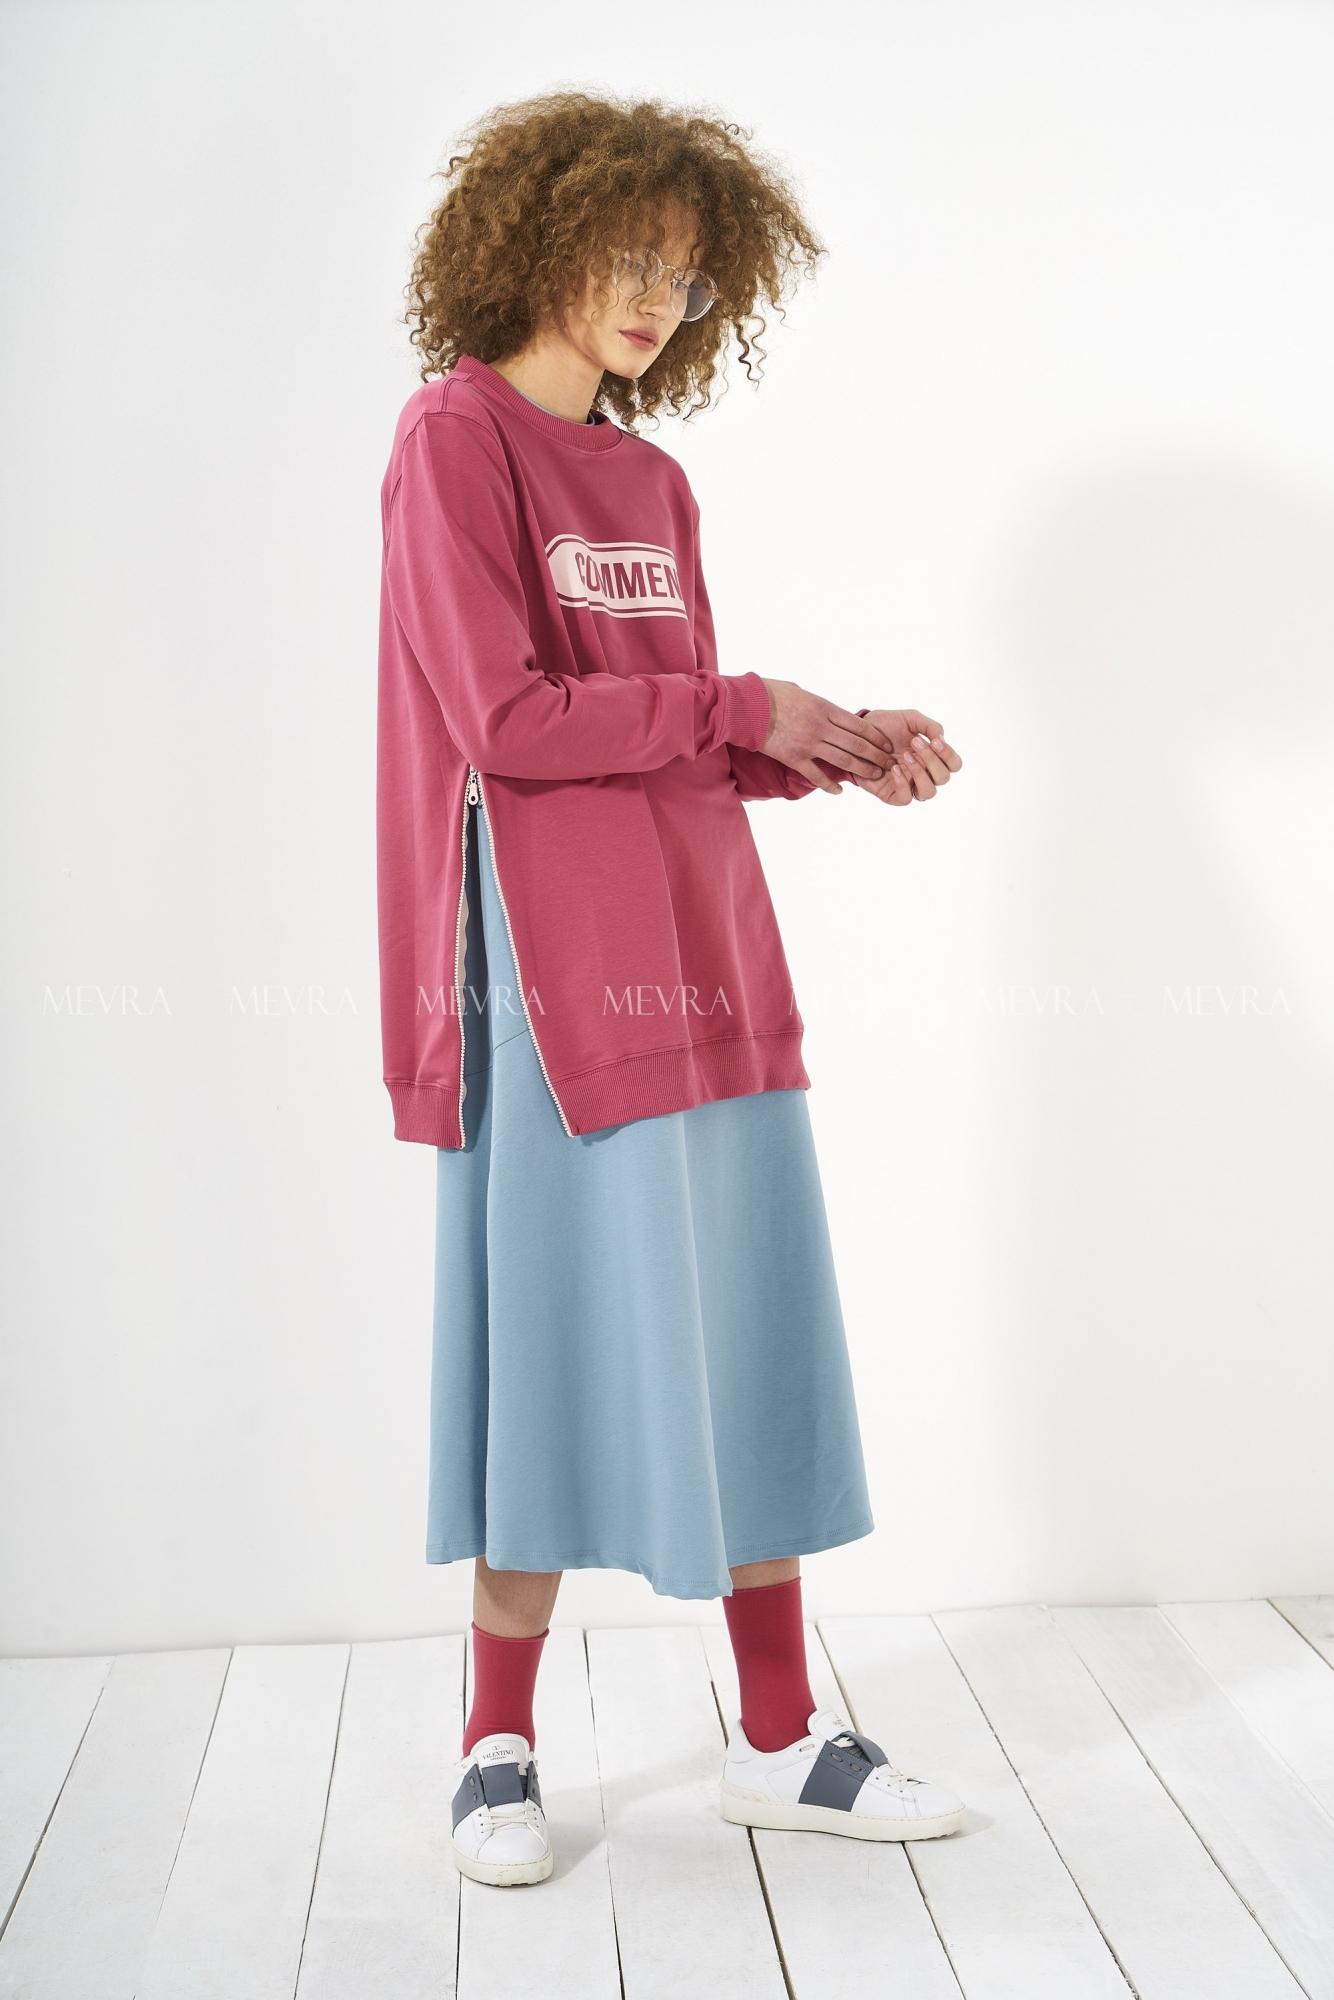 Mevra - Sweatshirt Gül Kurusu